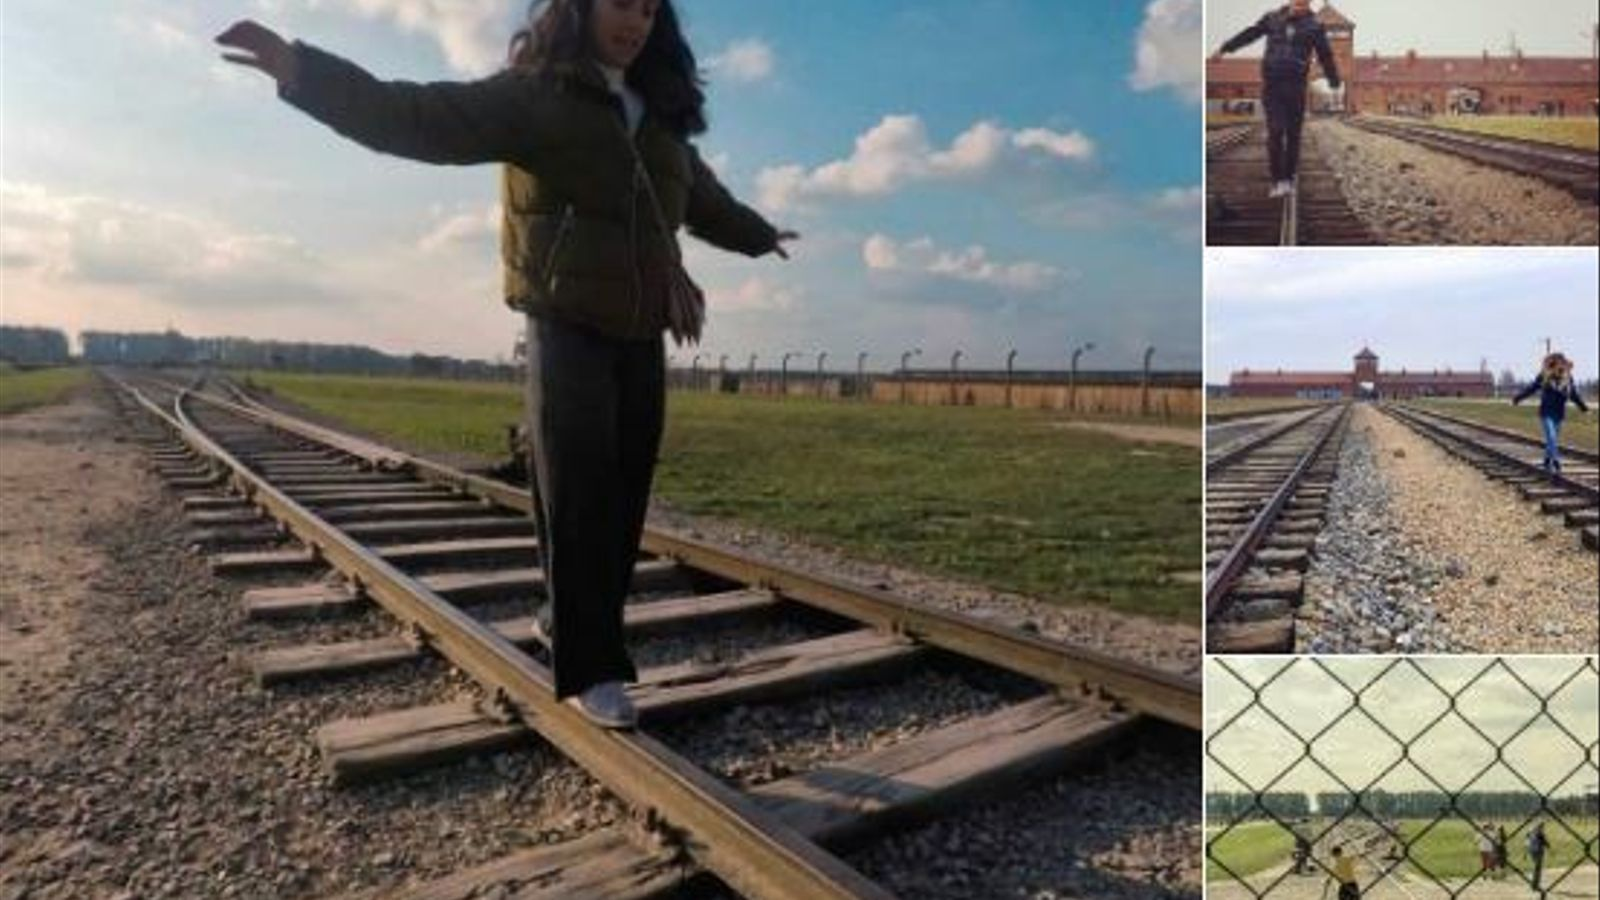 El Museu d'Auschwitz demana als visitants que no es facin fotos frívoles per respecte a les víctimes